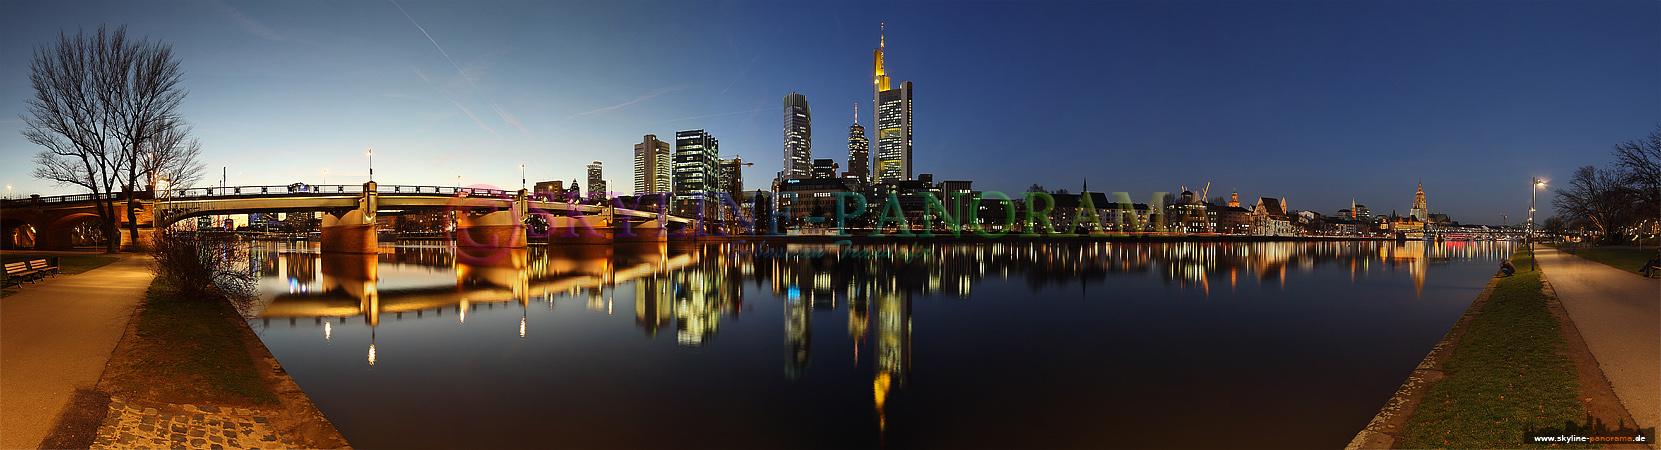 Dieses Panorama der Frankfurter Skyline ist in den Abendstunden, kurz nach Sonnenuntergang entstanden. Es sind nur wenige Augenblicke in der Blauen Stunde...